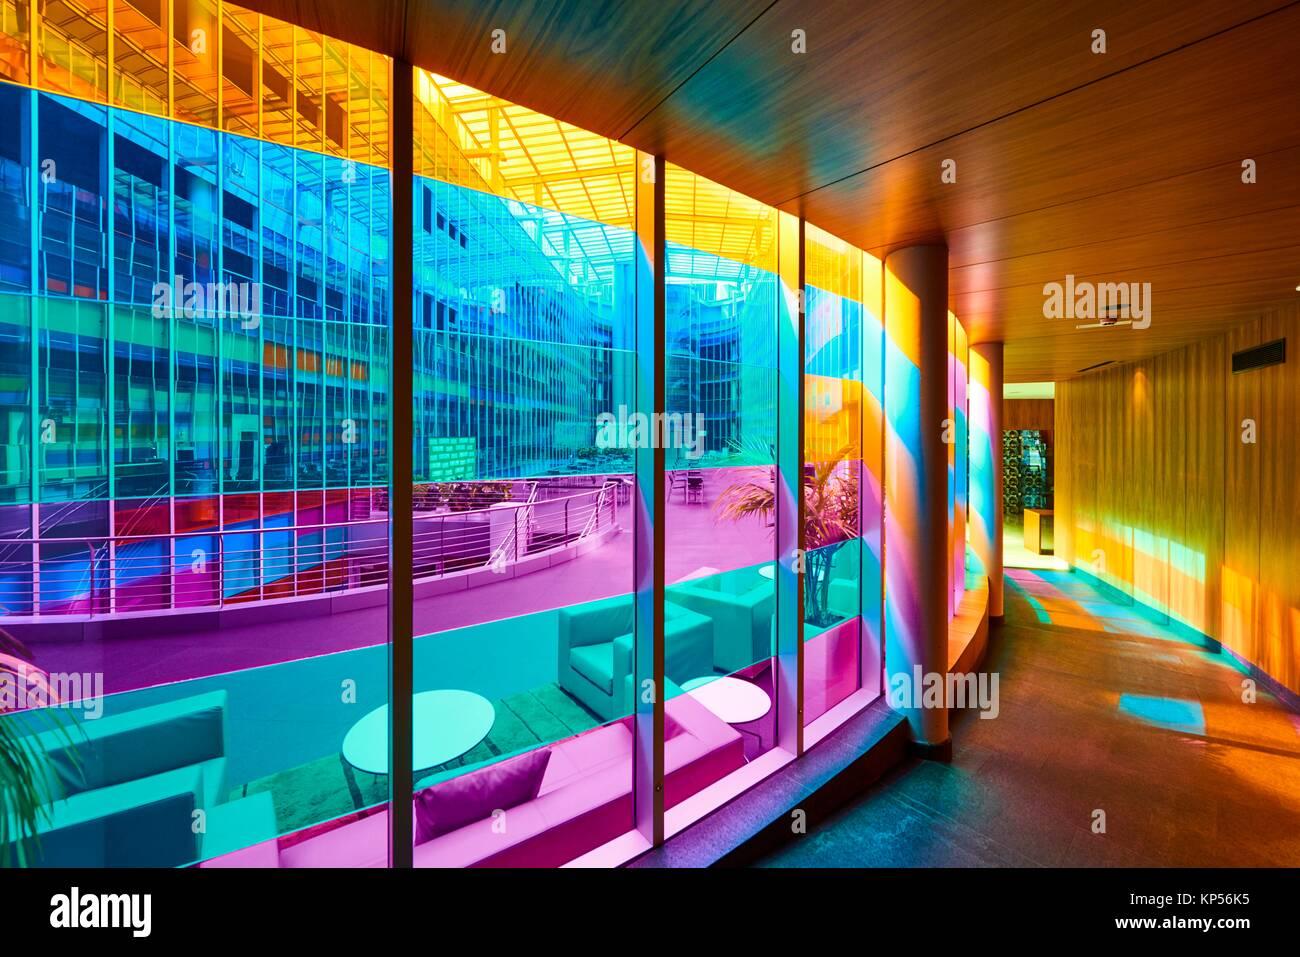 Hotel corridor design stock photos hotel corridor design for Jardines de uleta vitoria